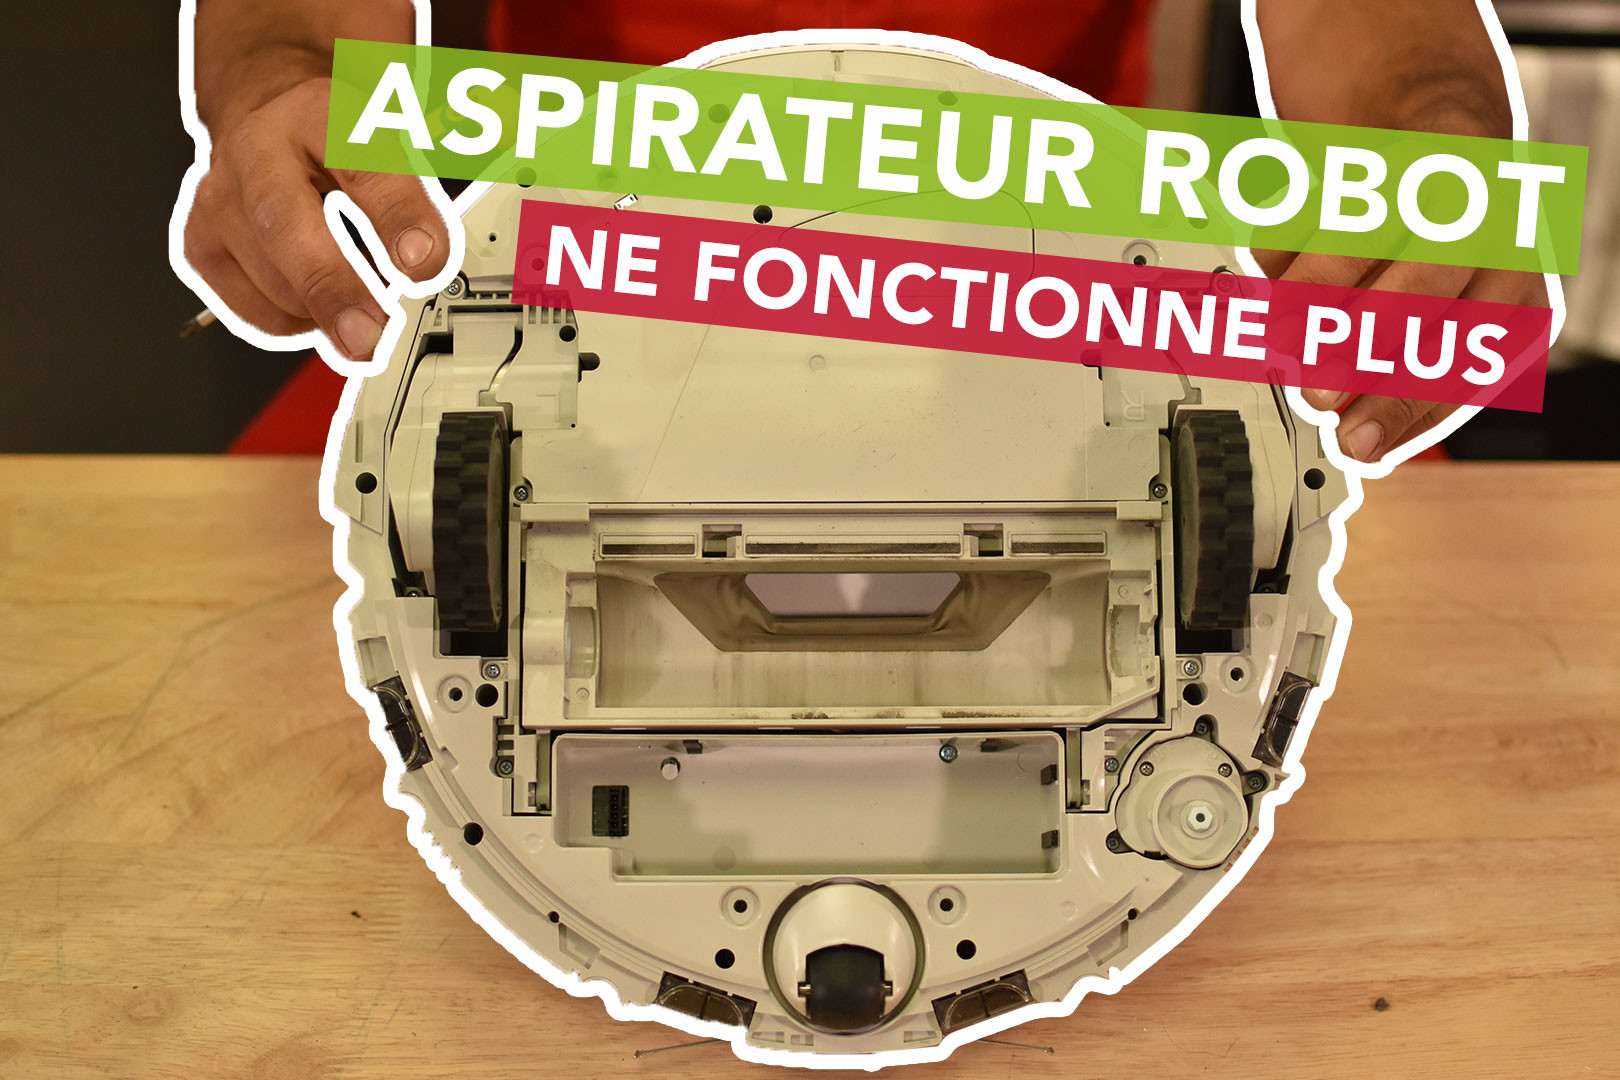 Pourquoi mon aspirateur robot ne fonctionne plus ? SOS